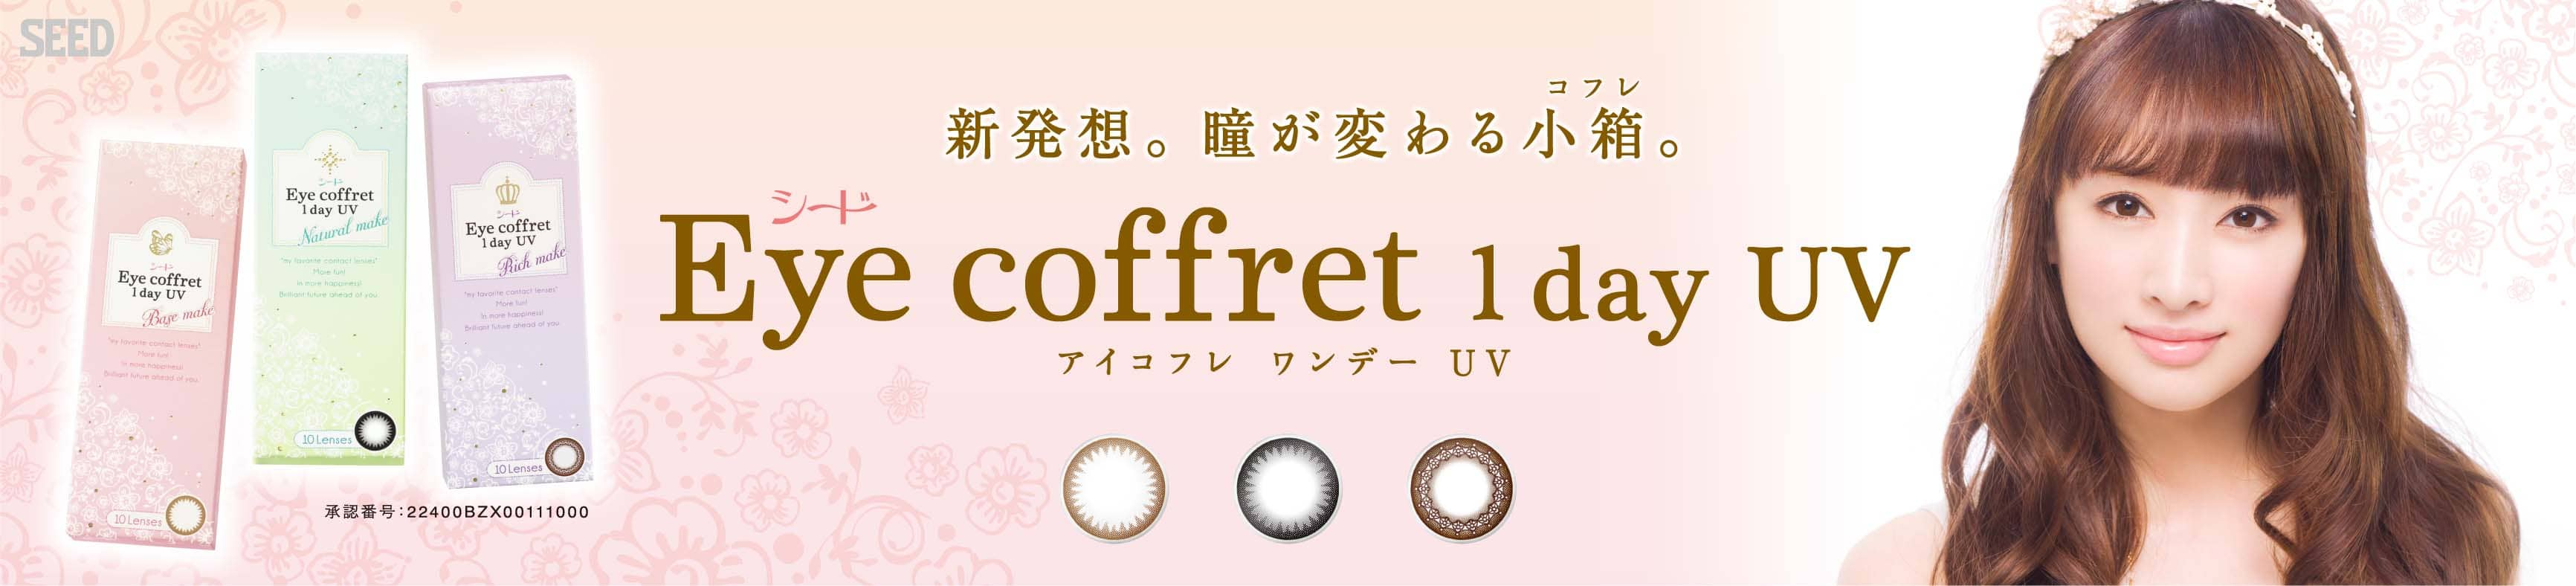 UVカット紫外線対策カラコンは北川恵子イメージモデルのアイコフレワンデーUV